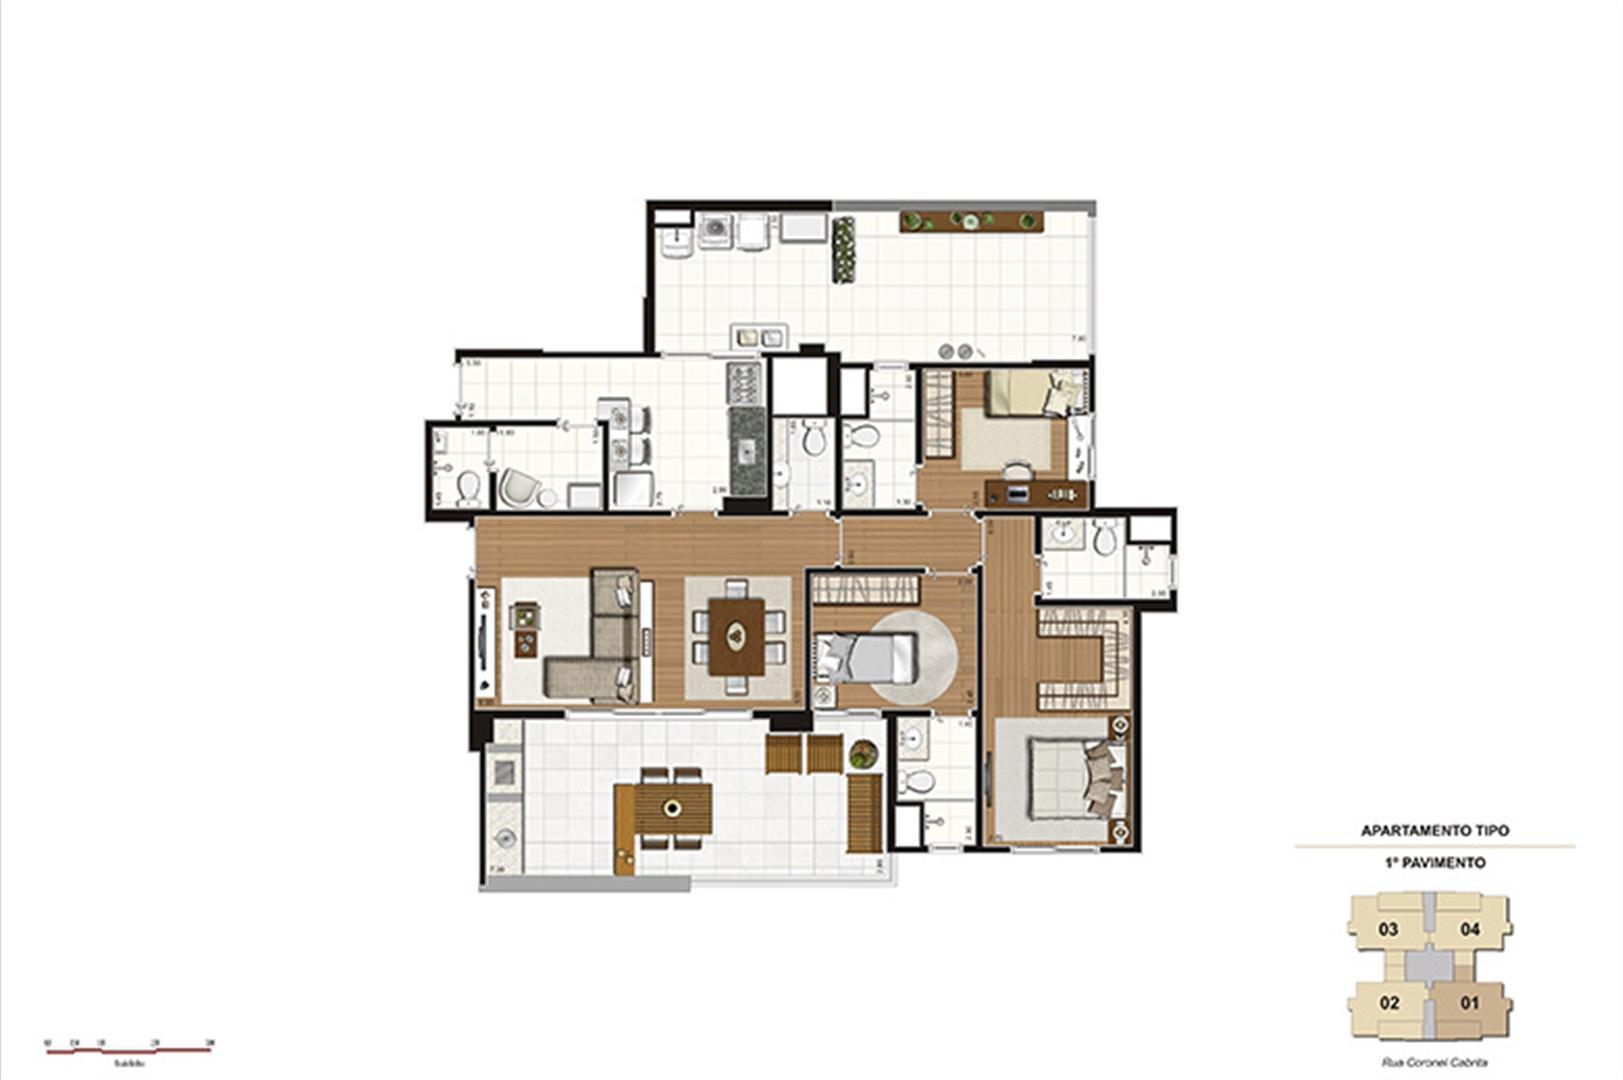 Apto. Varanda – 138m² - 3 suítes, terraço de serviço ampliado | Gioia – Apartamento na  Aclimação - São Paulo - São Paulo